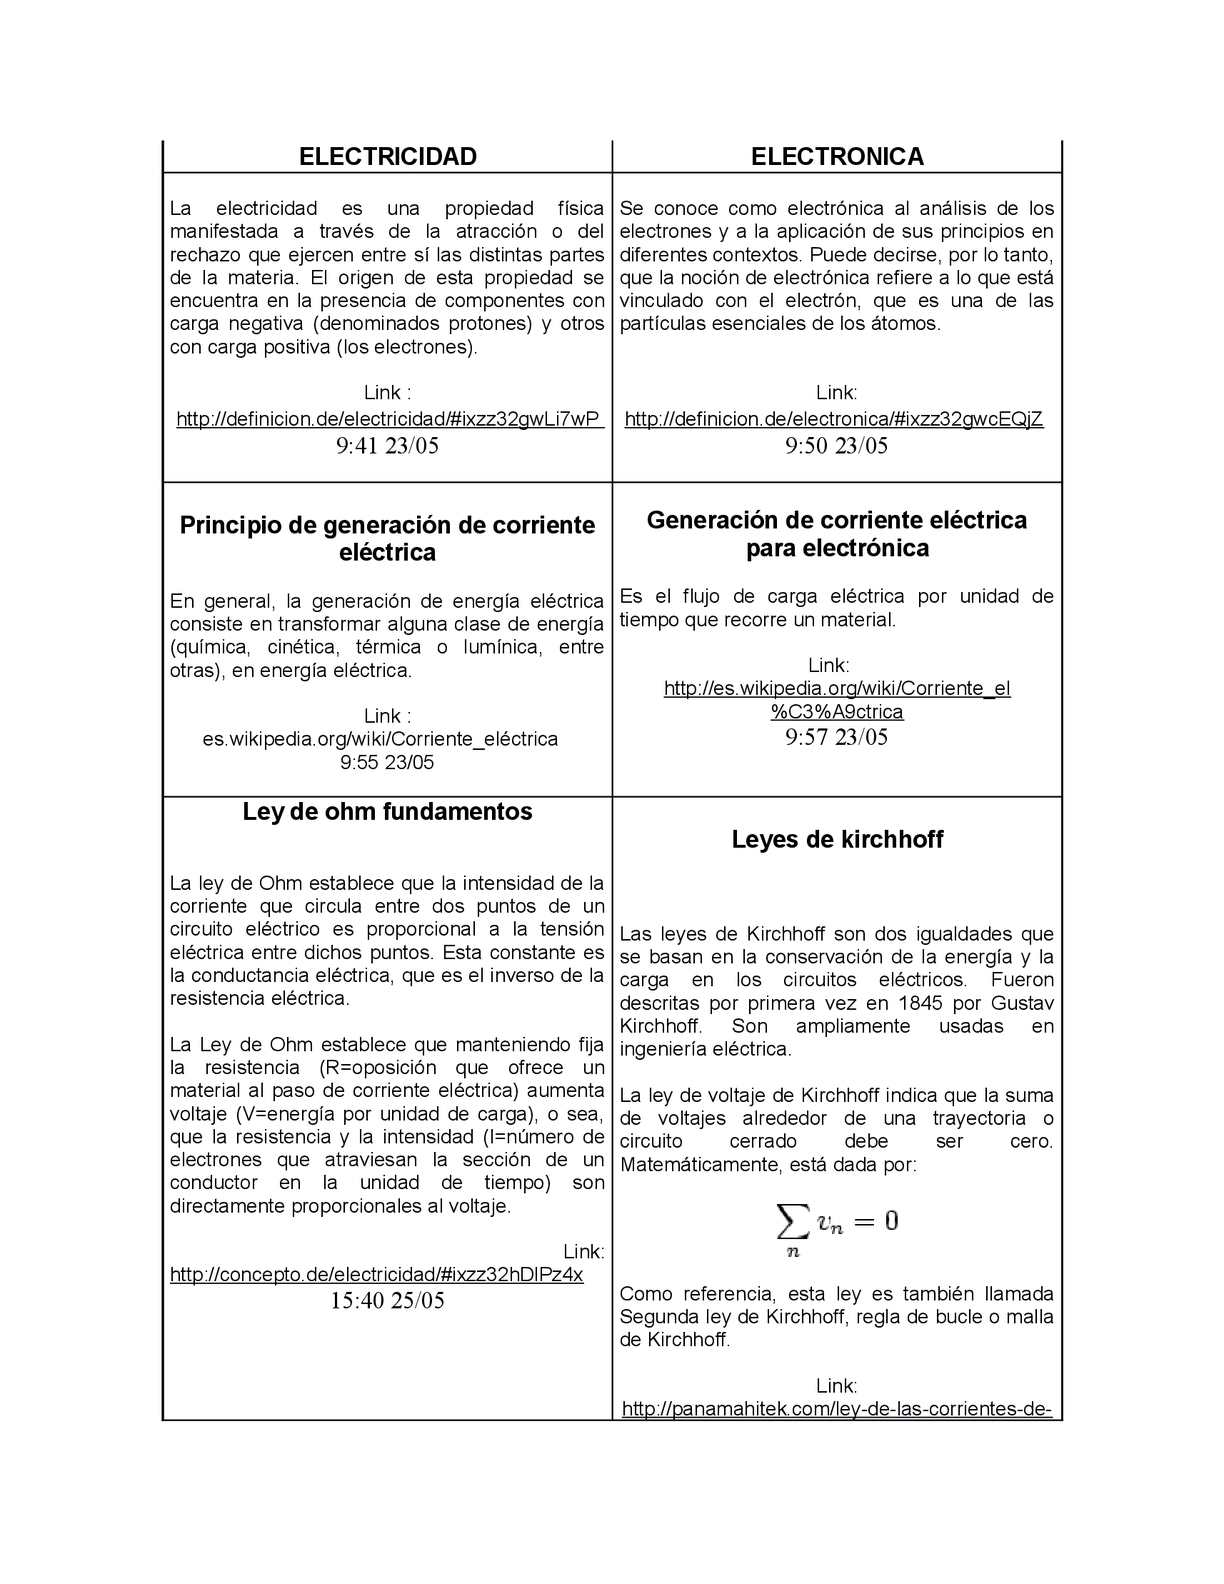 Calaméo - Cuadro comparativo electricidad y electronica